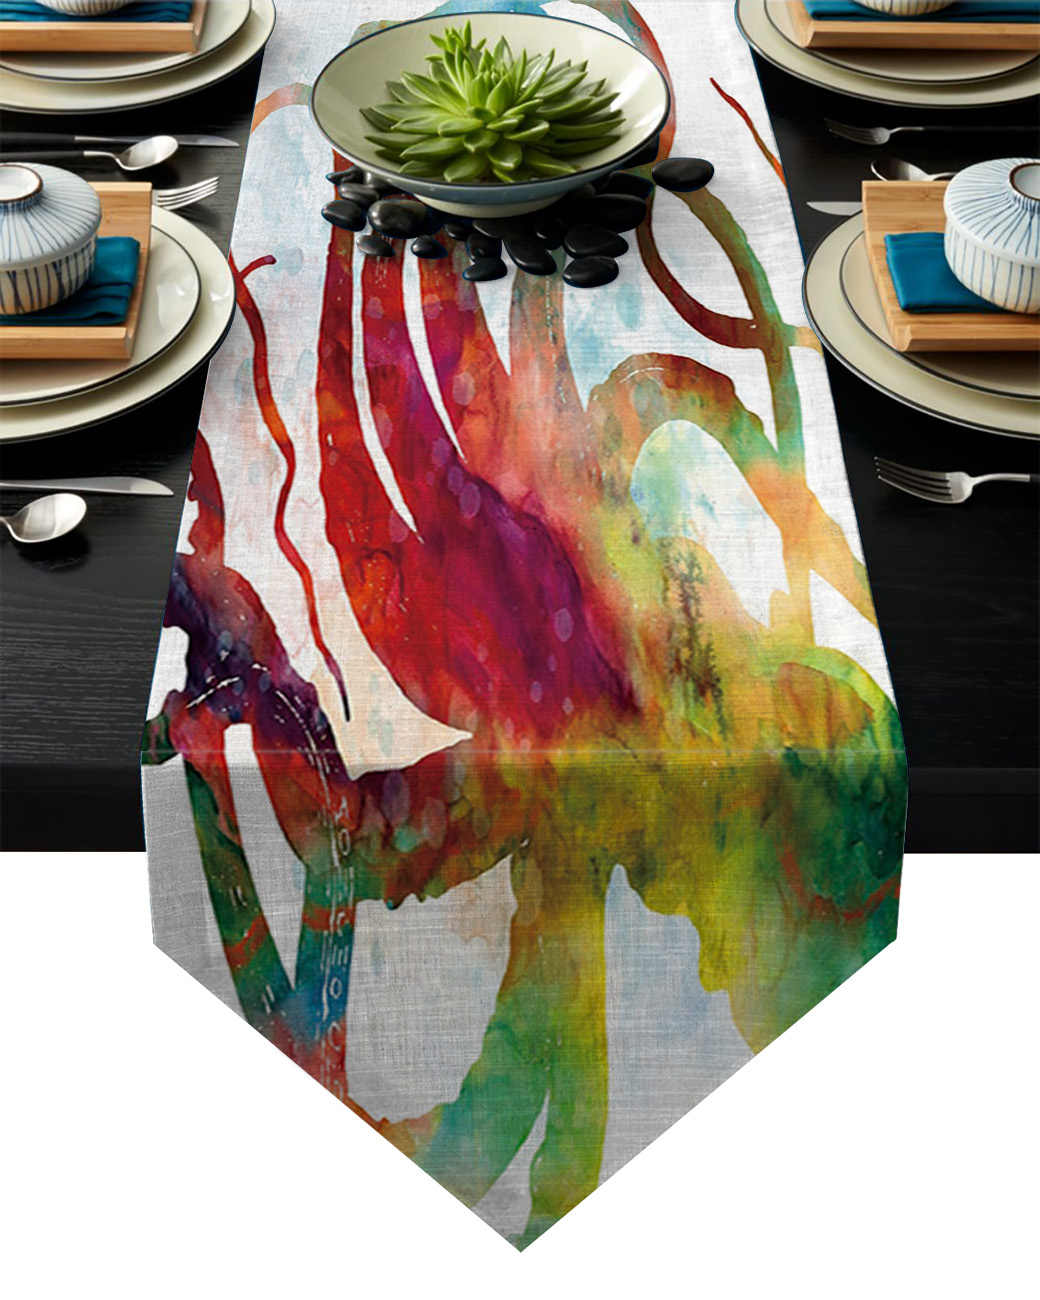 Colorful Gurita Cthulhu Taplak Meja Meja Bendera Rumah Pesta Dekorasi Taplak Meja Meja Pelari untuk Pernikahan